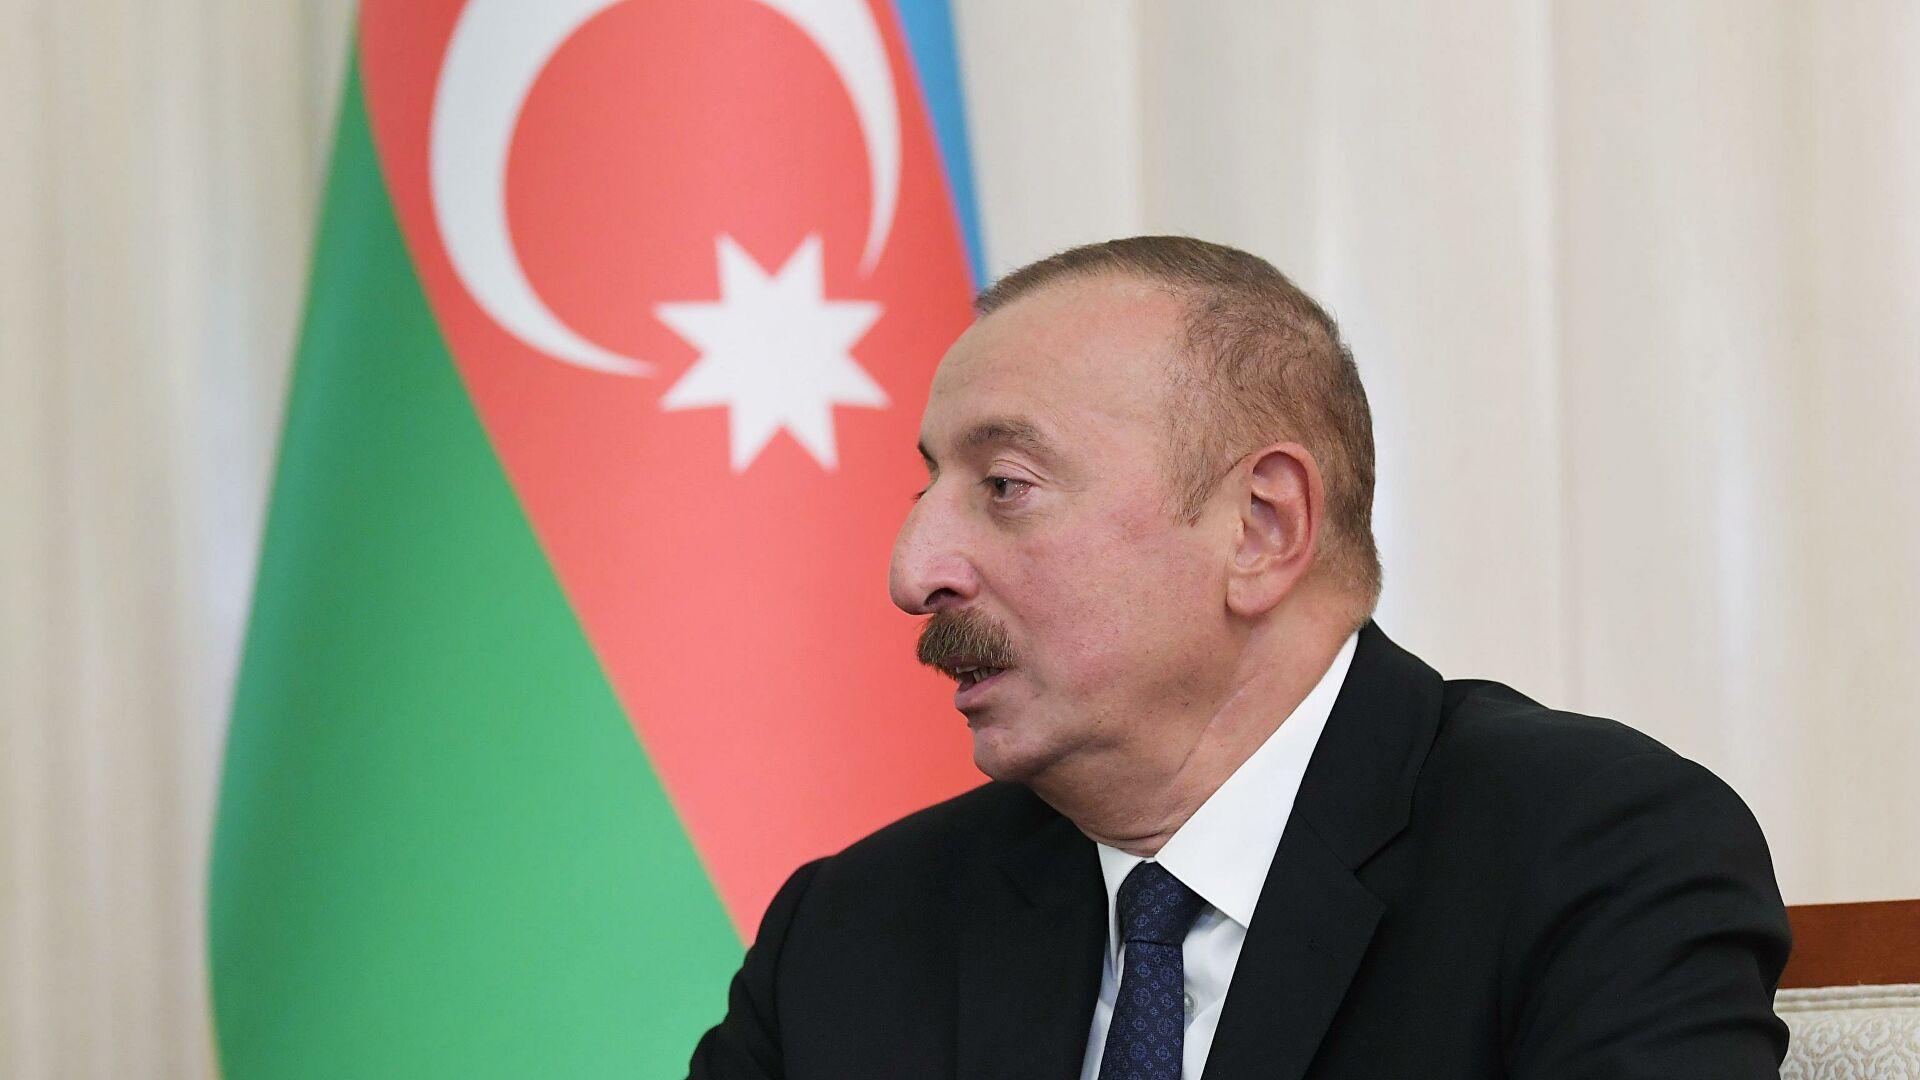 Алијев: Наш задатак је био да успоставимо територијални интегритет Азербејџана и ми се приближавамо том циљу